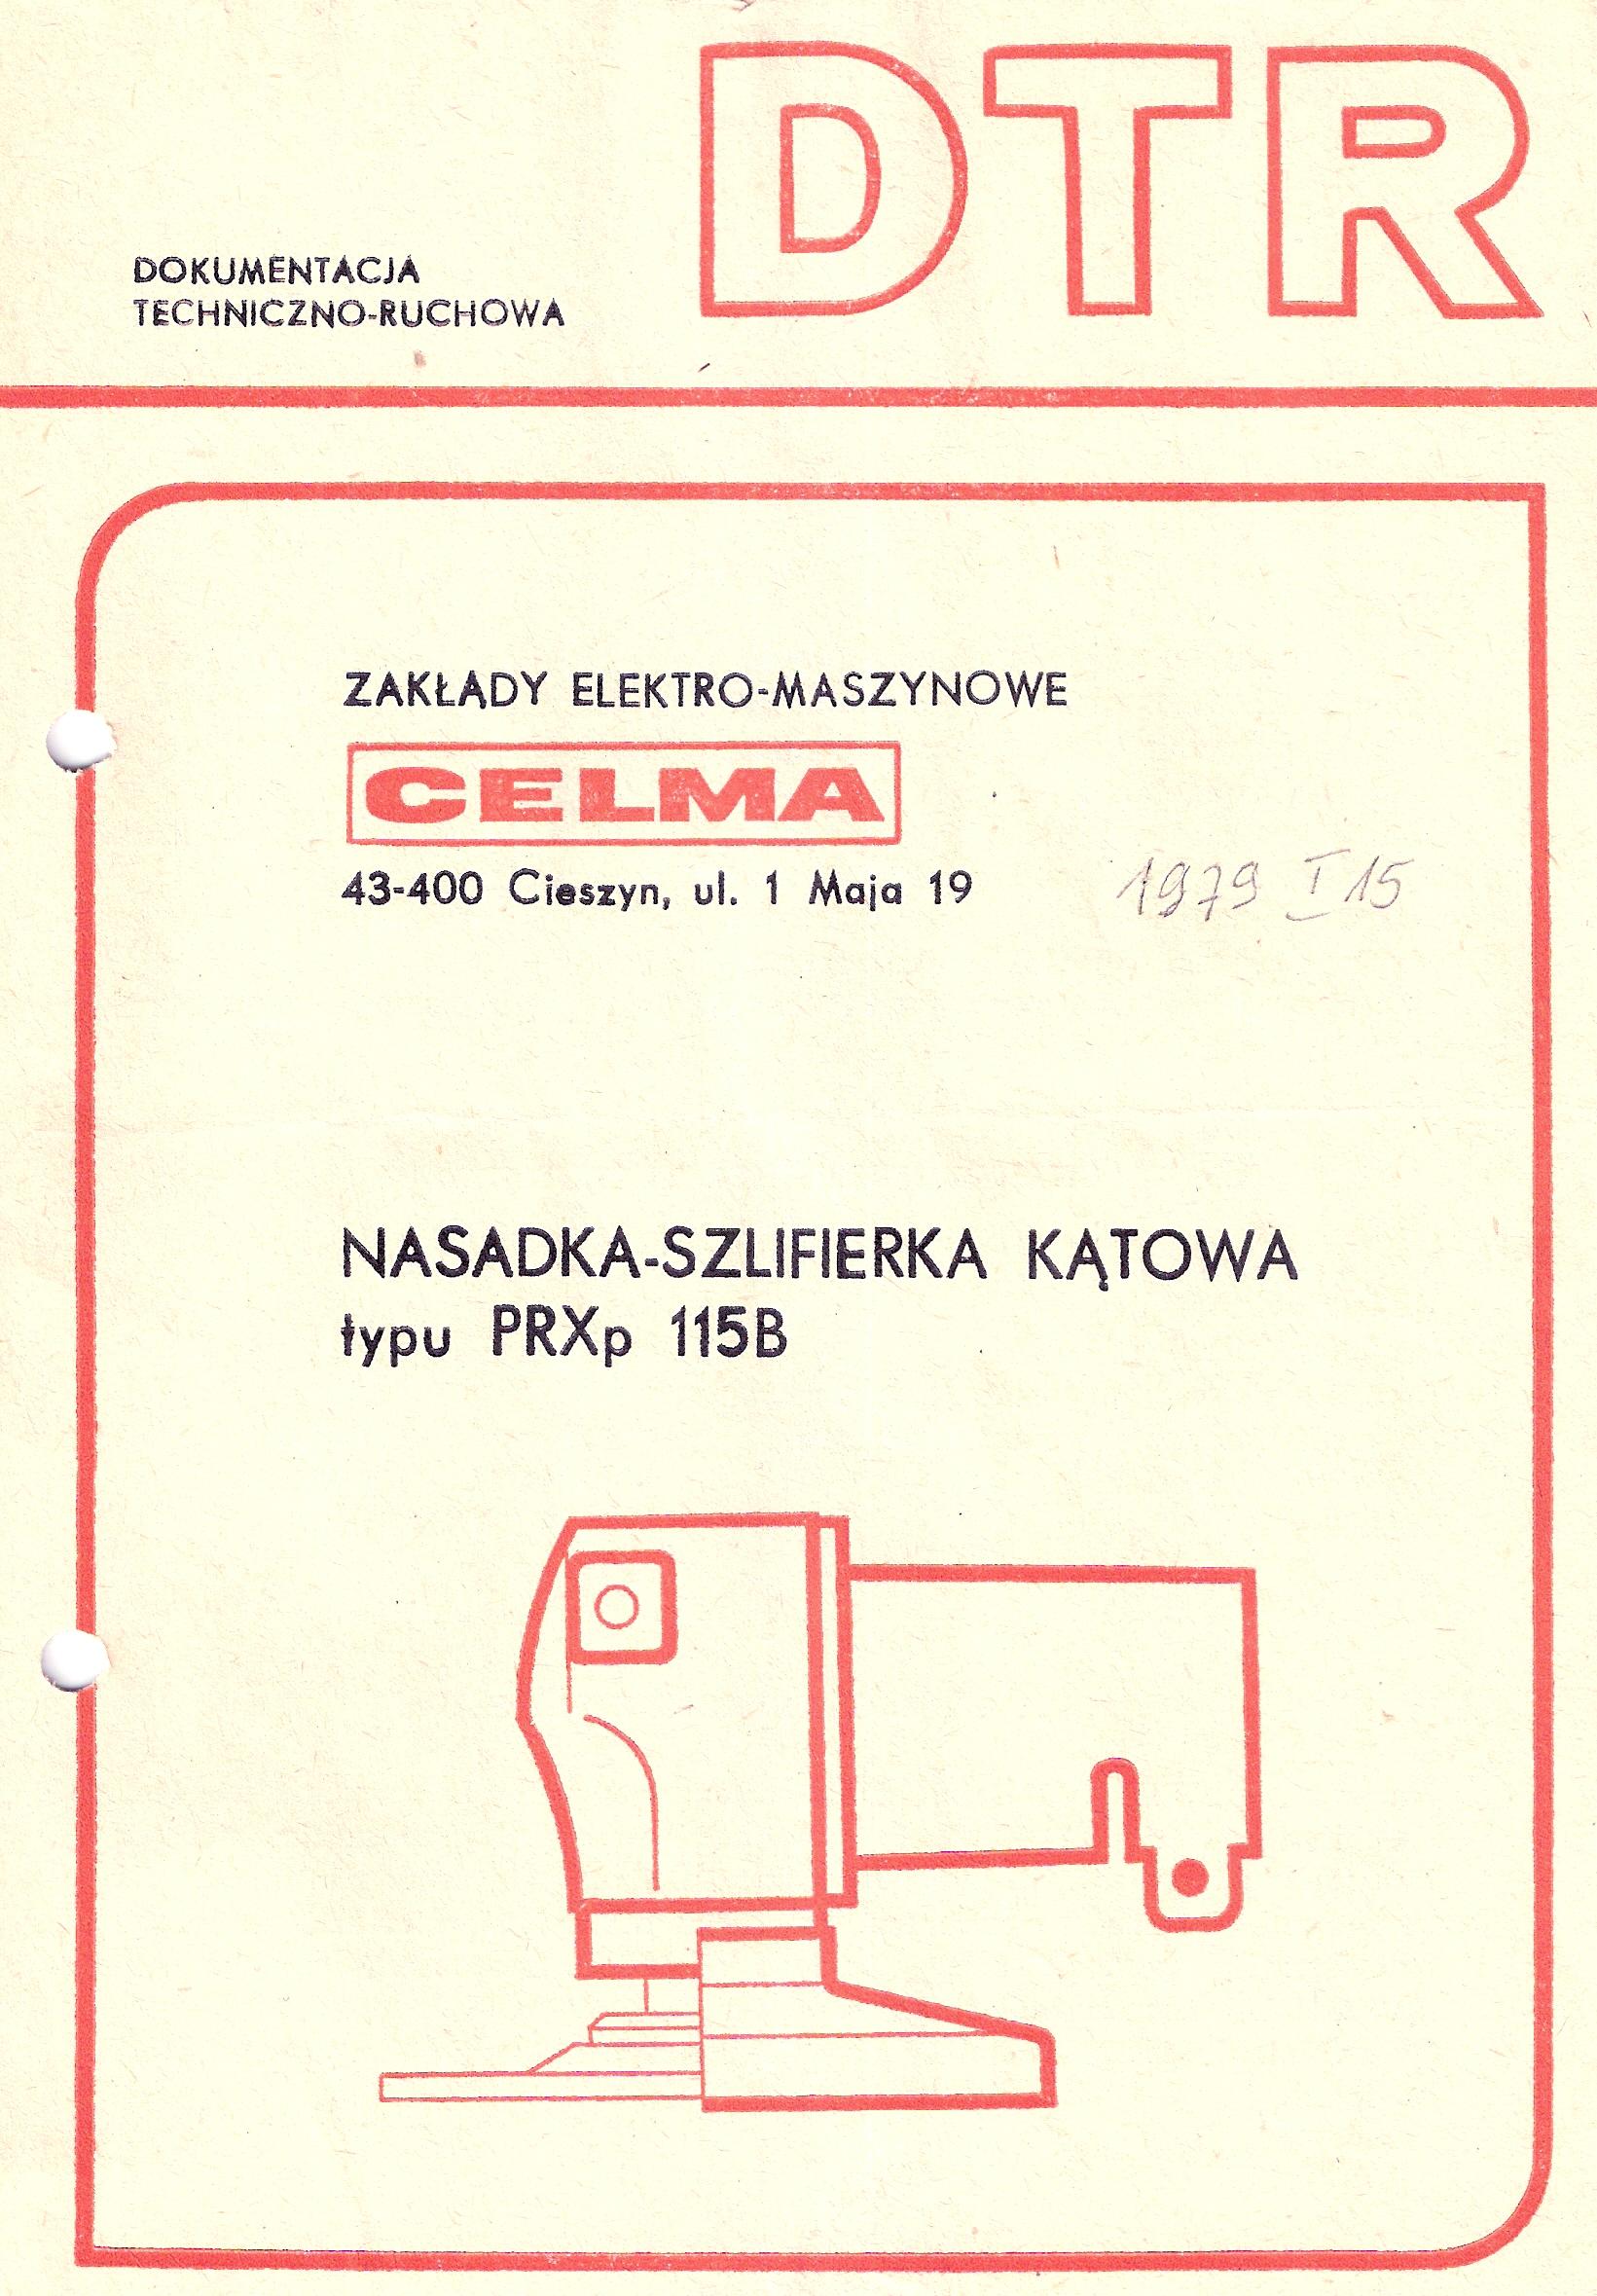 Instrukcja obs�ugi i katalog cz�ci nasadki-szlifierki k�towej CELMA PRXp 115B